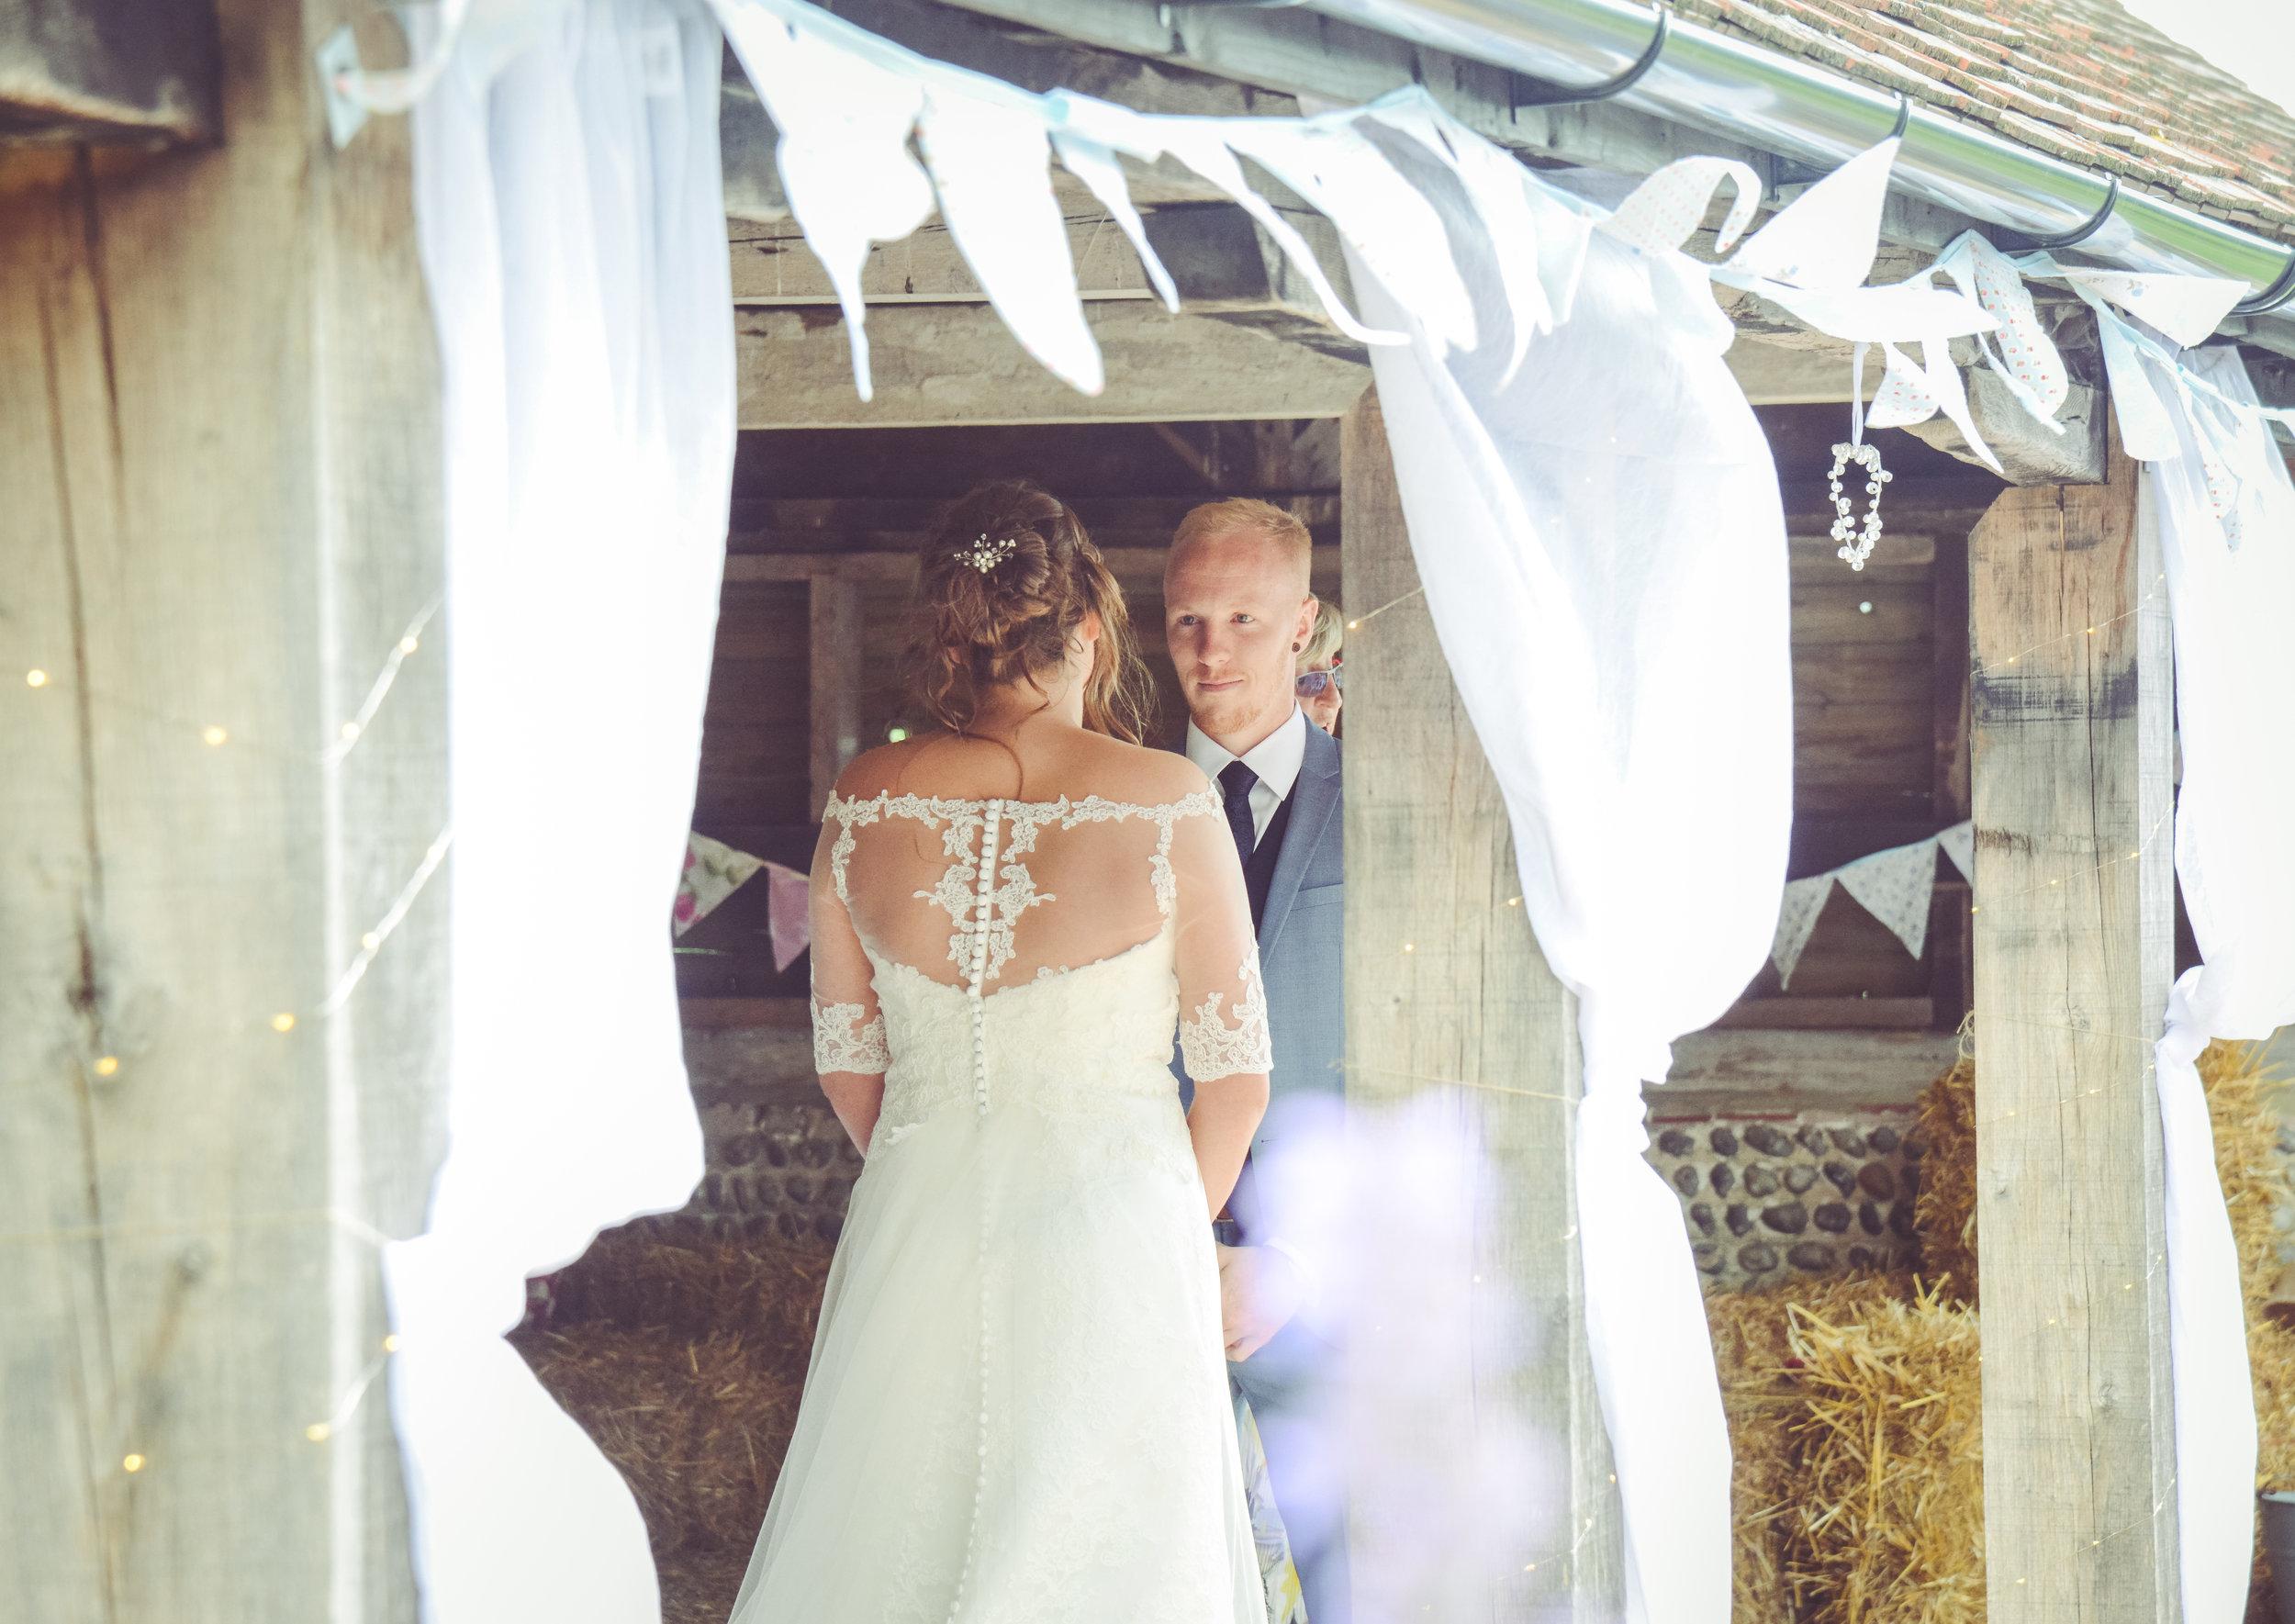 Amy & Adam Wedding - July 2nd 2016 Sussex BarnAmy & Adam Wedding - Sussex Barn_FRJ6928.jpg